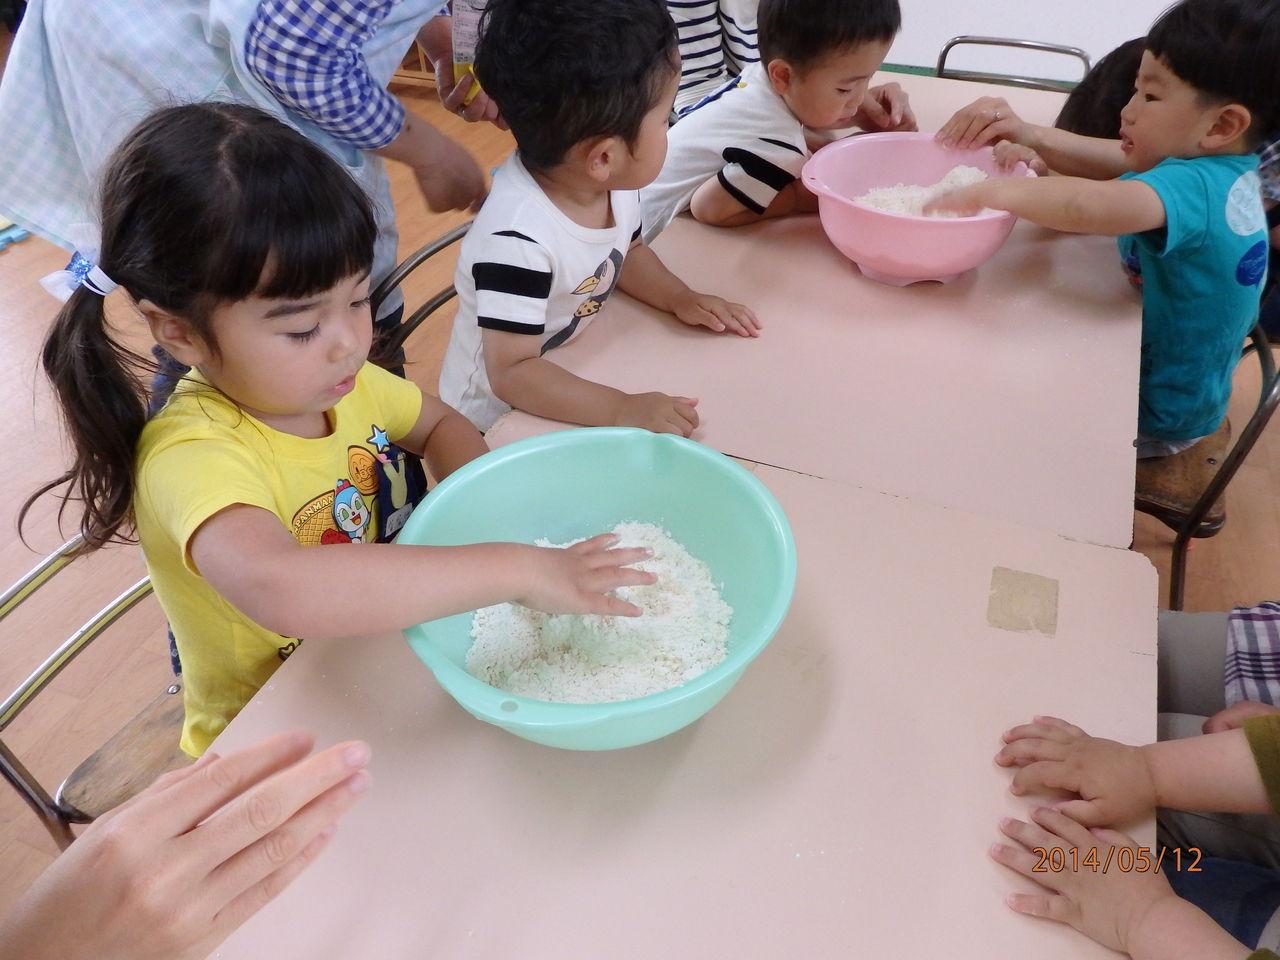 次は、小麦粉ねんどづくり~ : 小麦粉ねんど : すべての講義